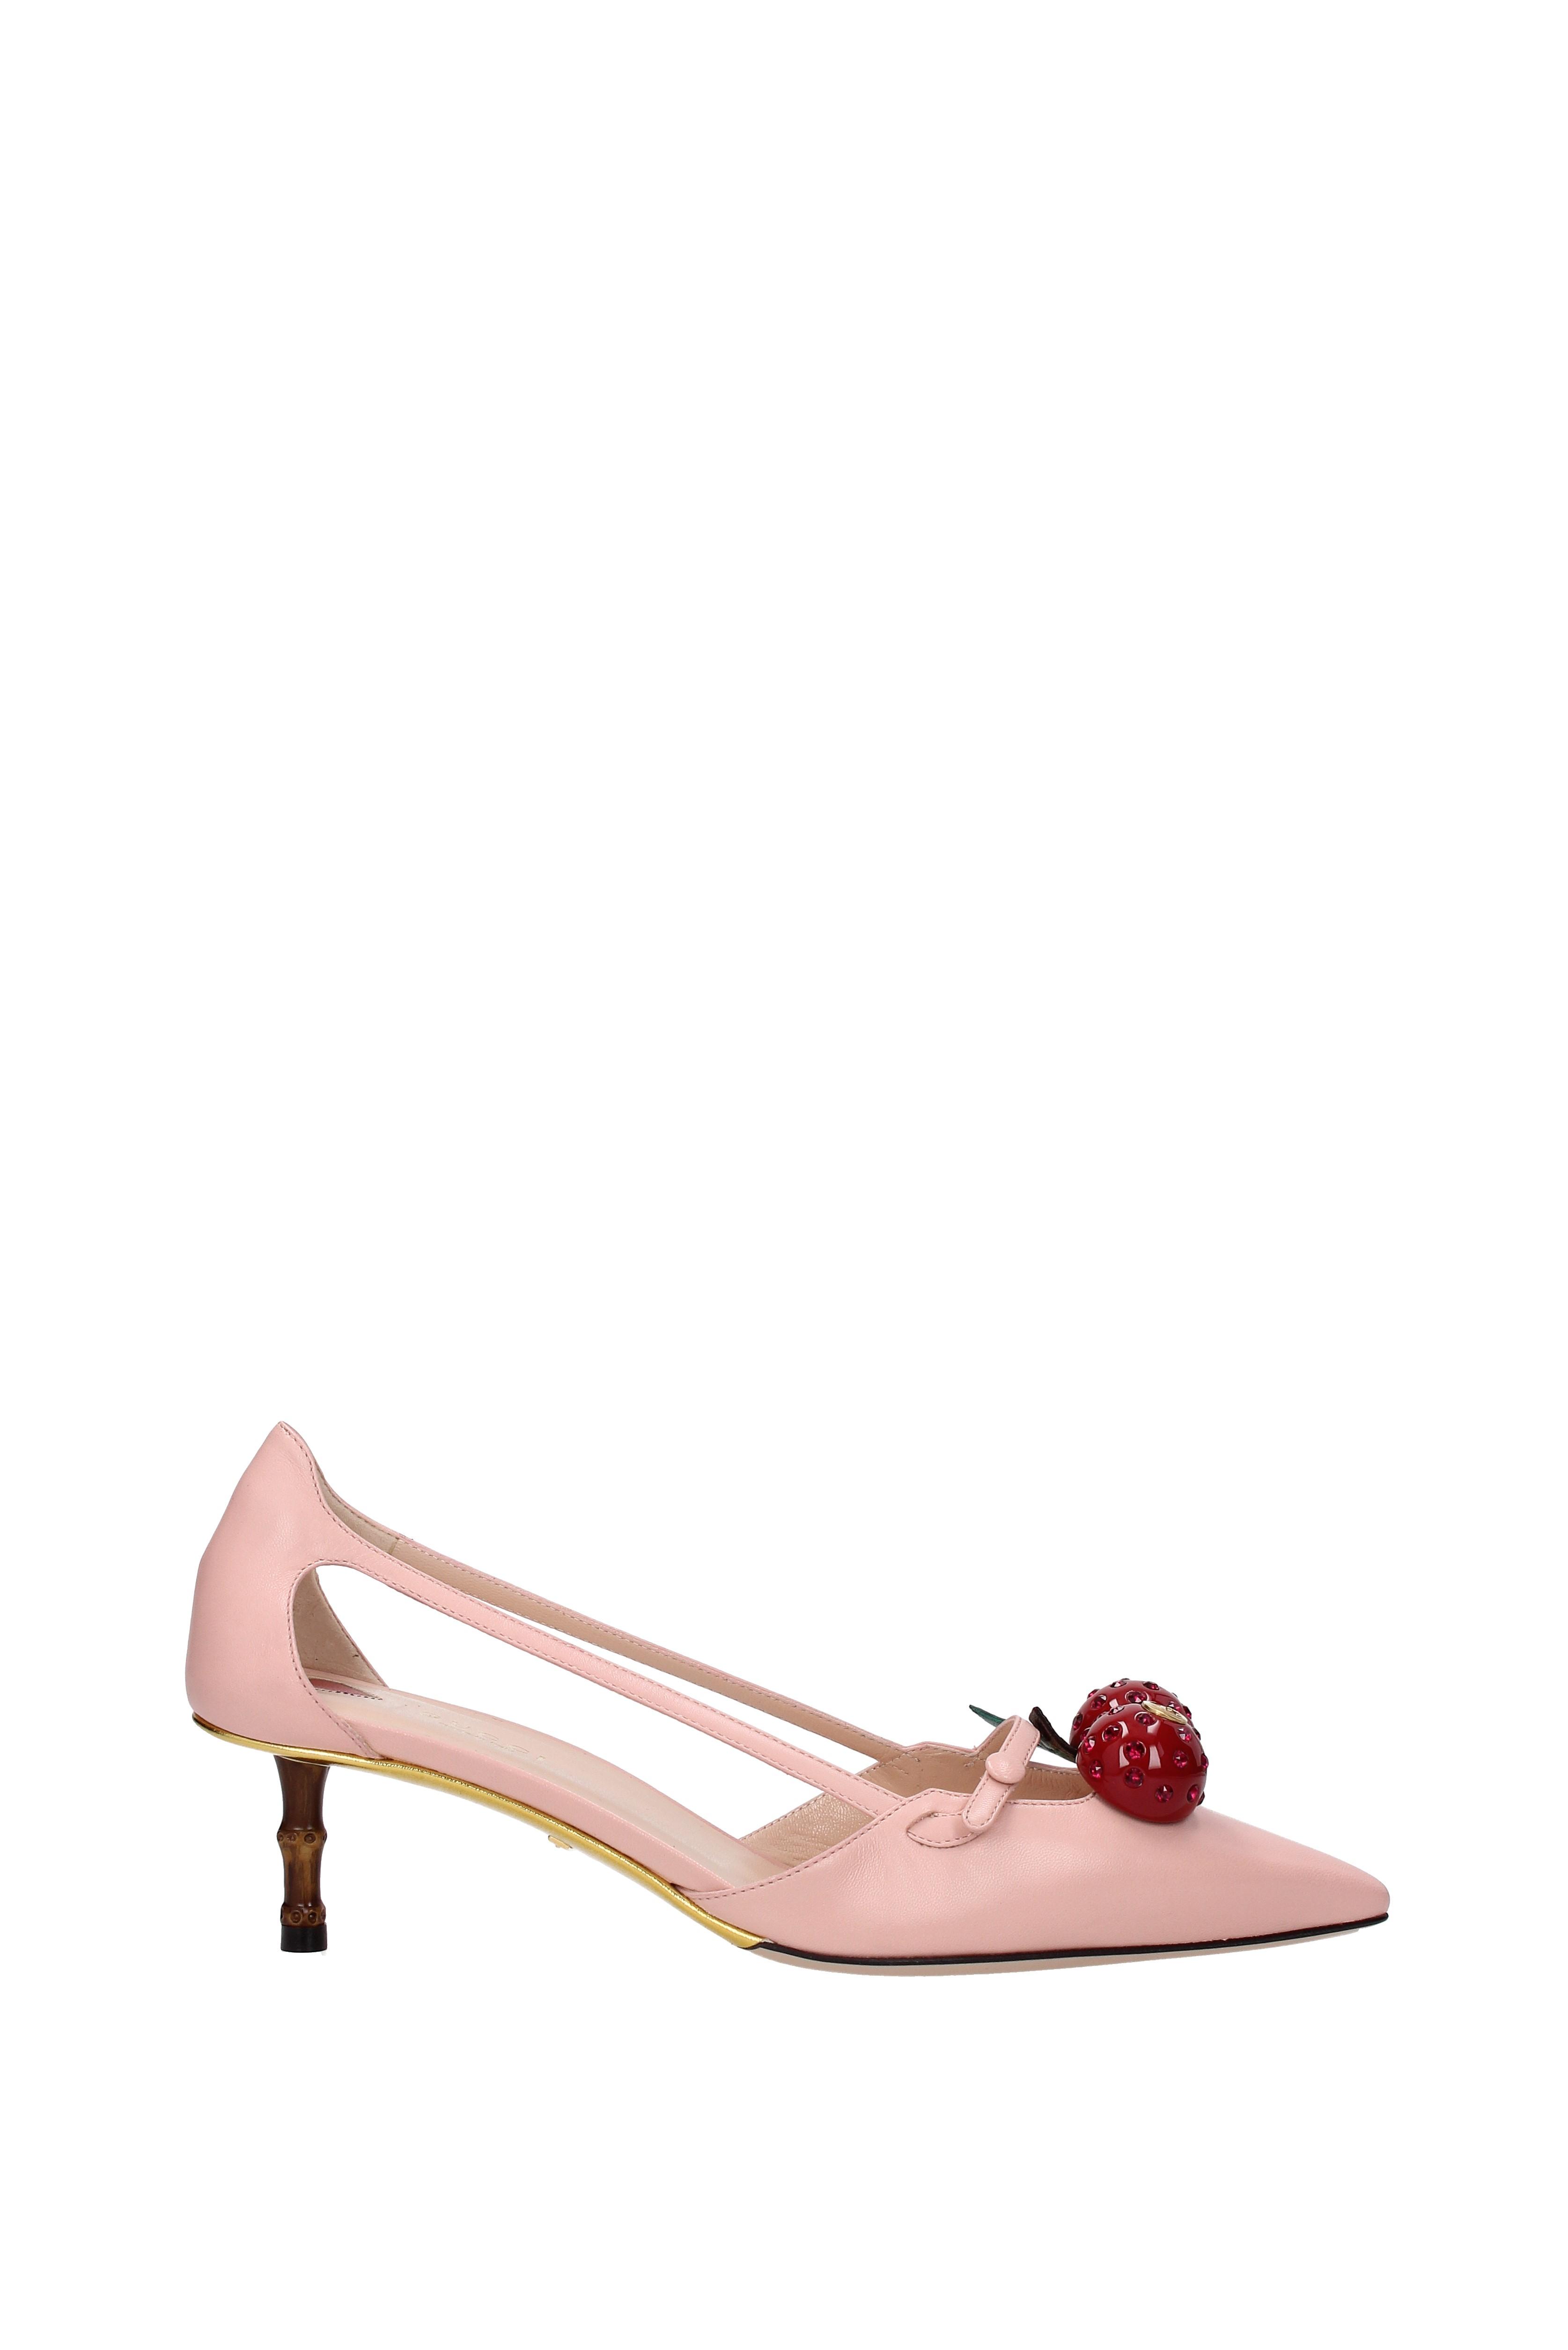 Sandali-Gucci-Donna-Pelle-452766C9DN0